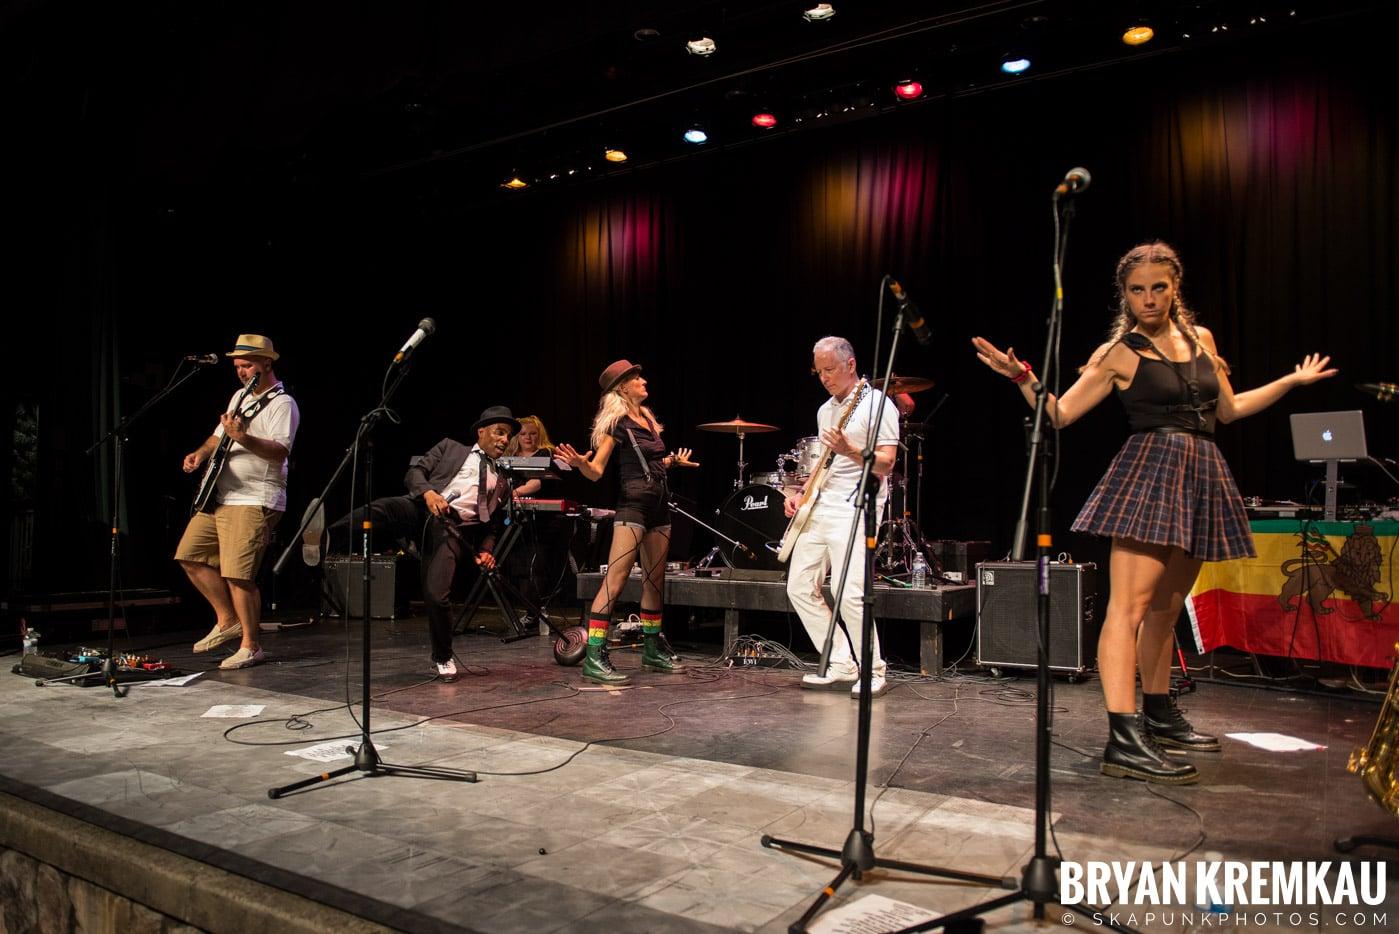 Rude Boy George @ Oskar Schindler Performing Arts Center, West Orange, NJ - 8.19.17 (4)